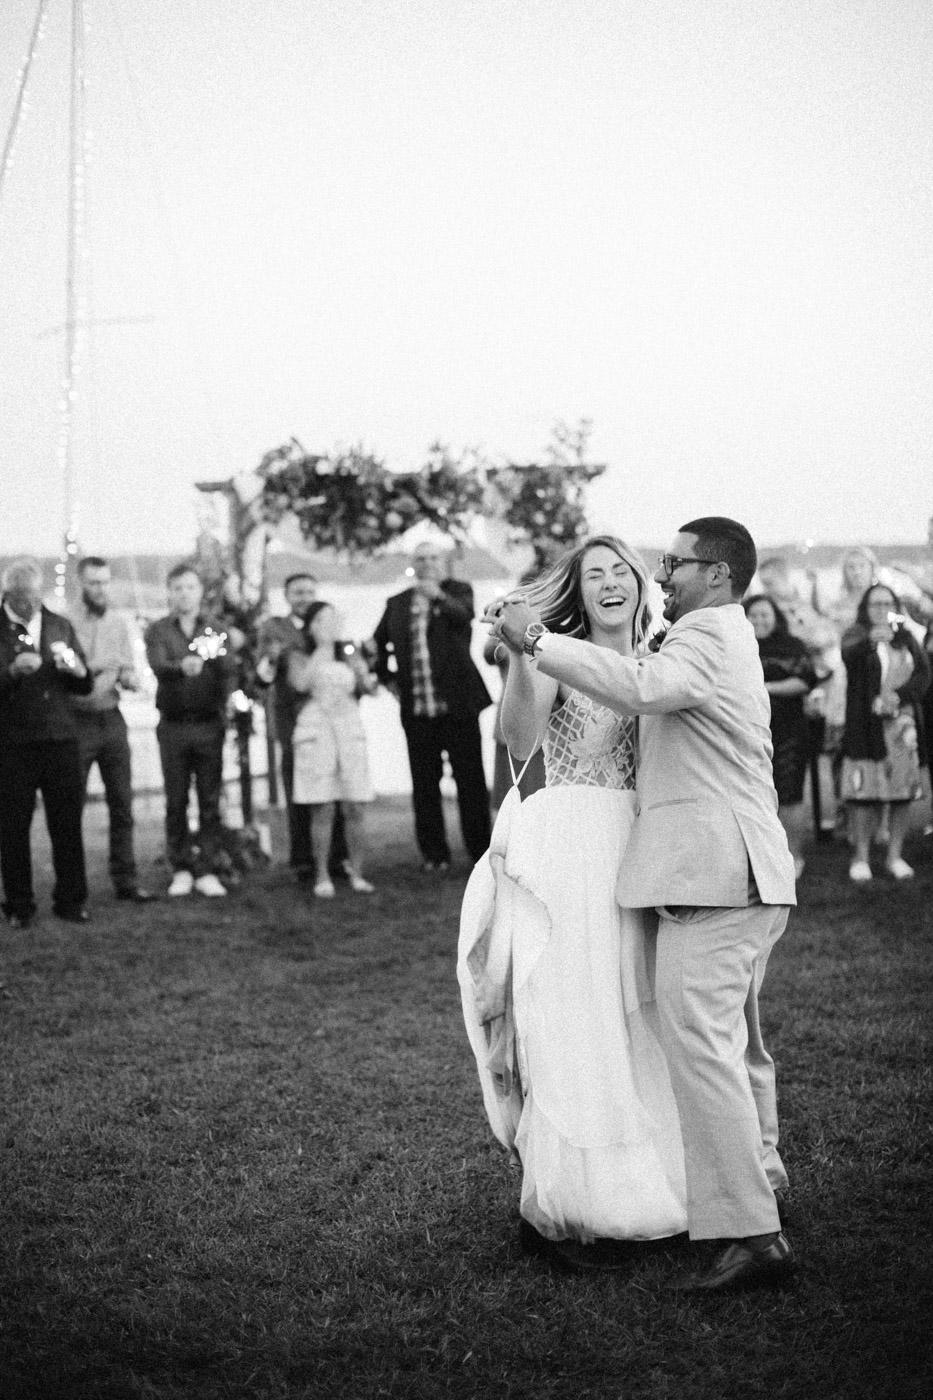 toronto_wedding_photographer_backyard_wedding-45.jpg